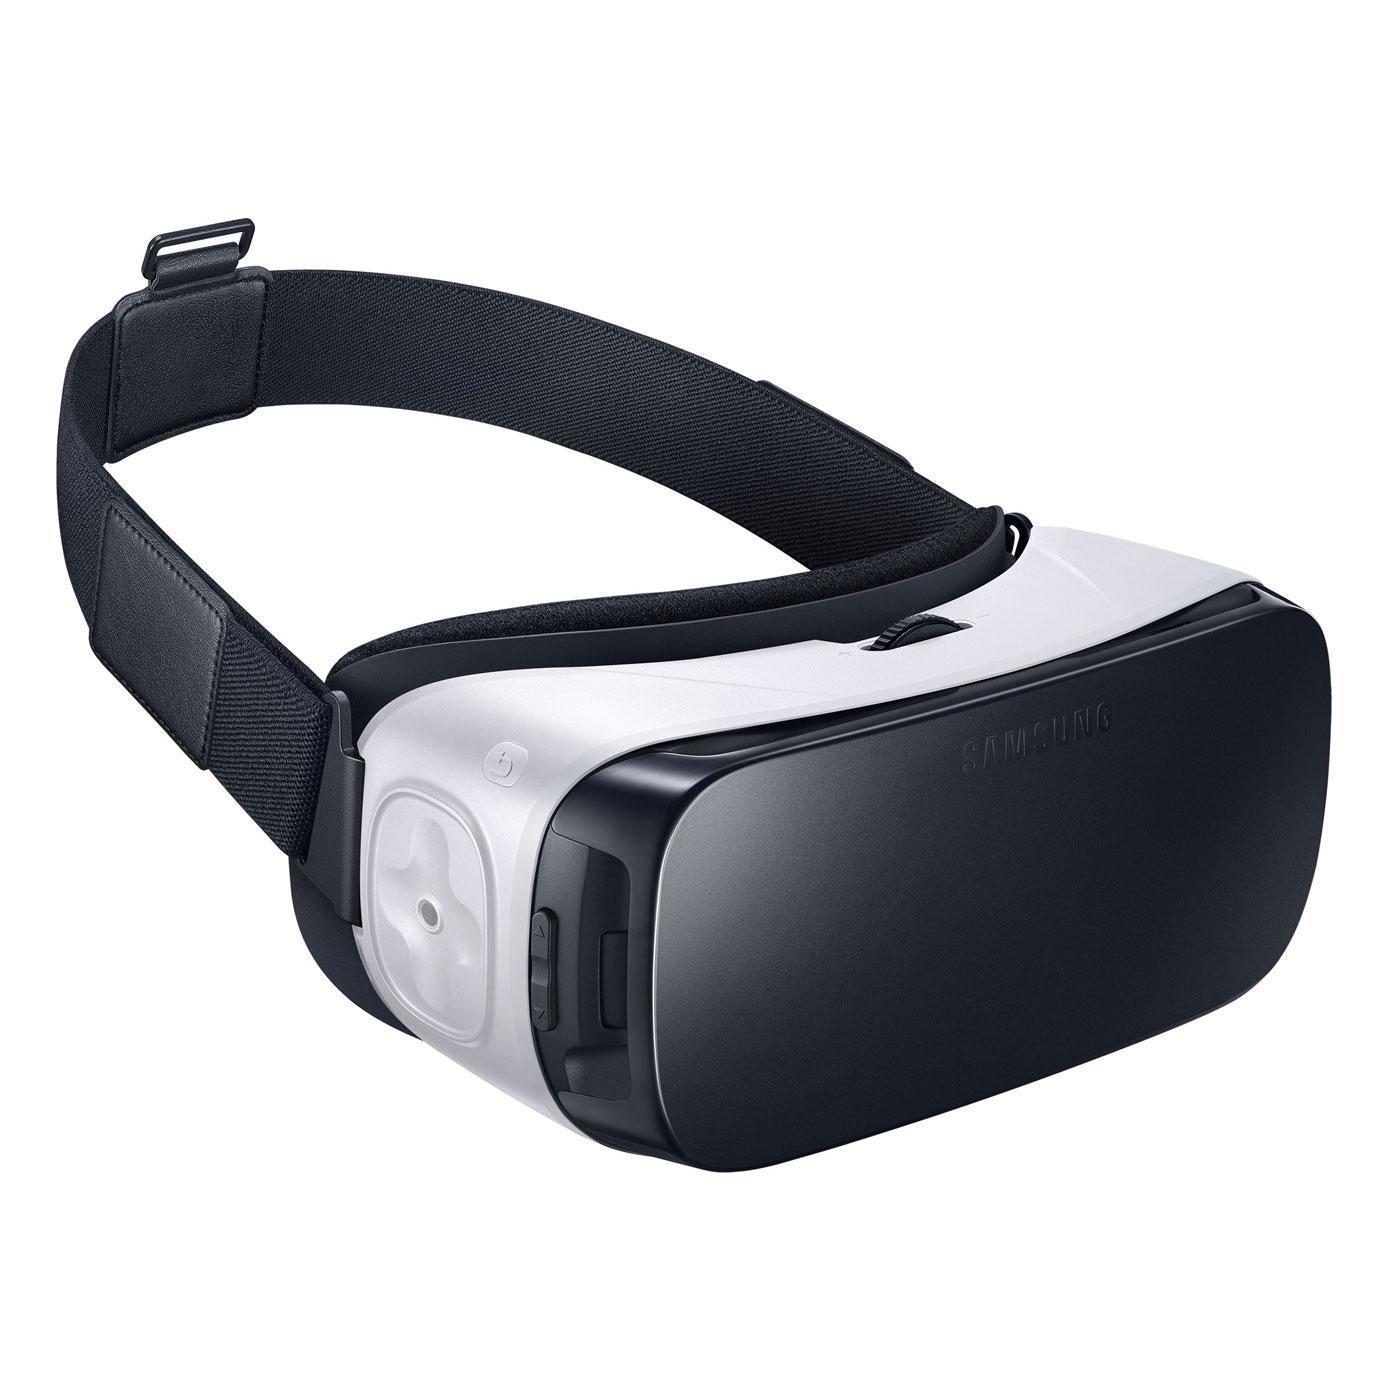 Casque réalité virtuelle Samsung Gear VR - Blanc